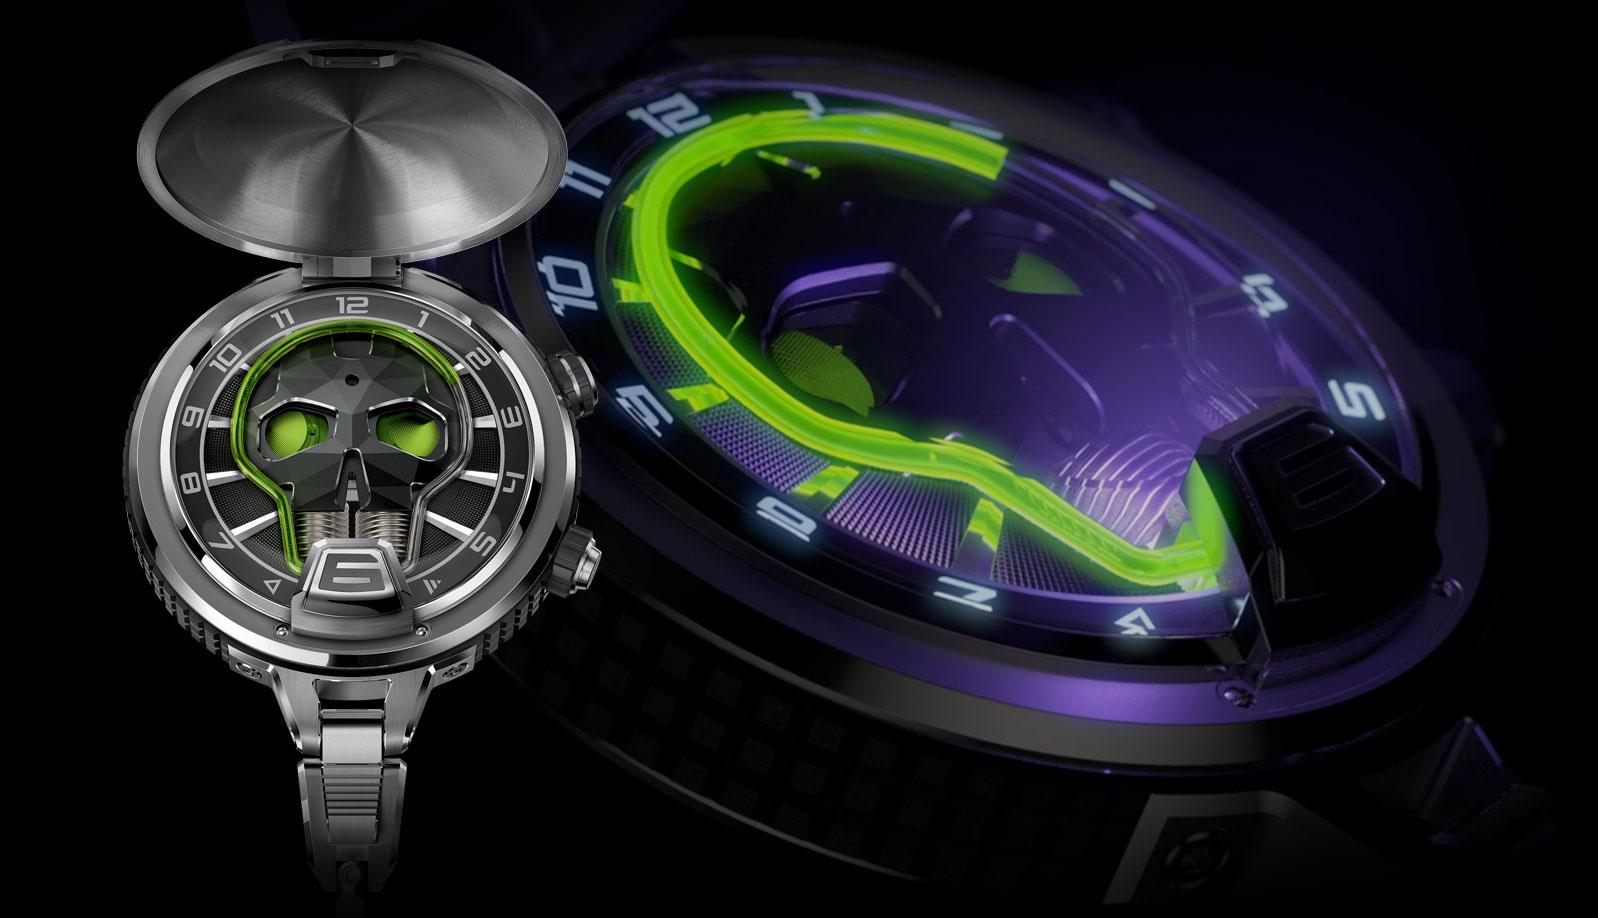 【錶廠參訪分享】獨立製錶品牌 HYT